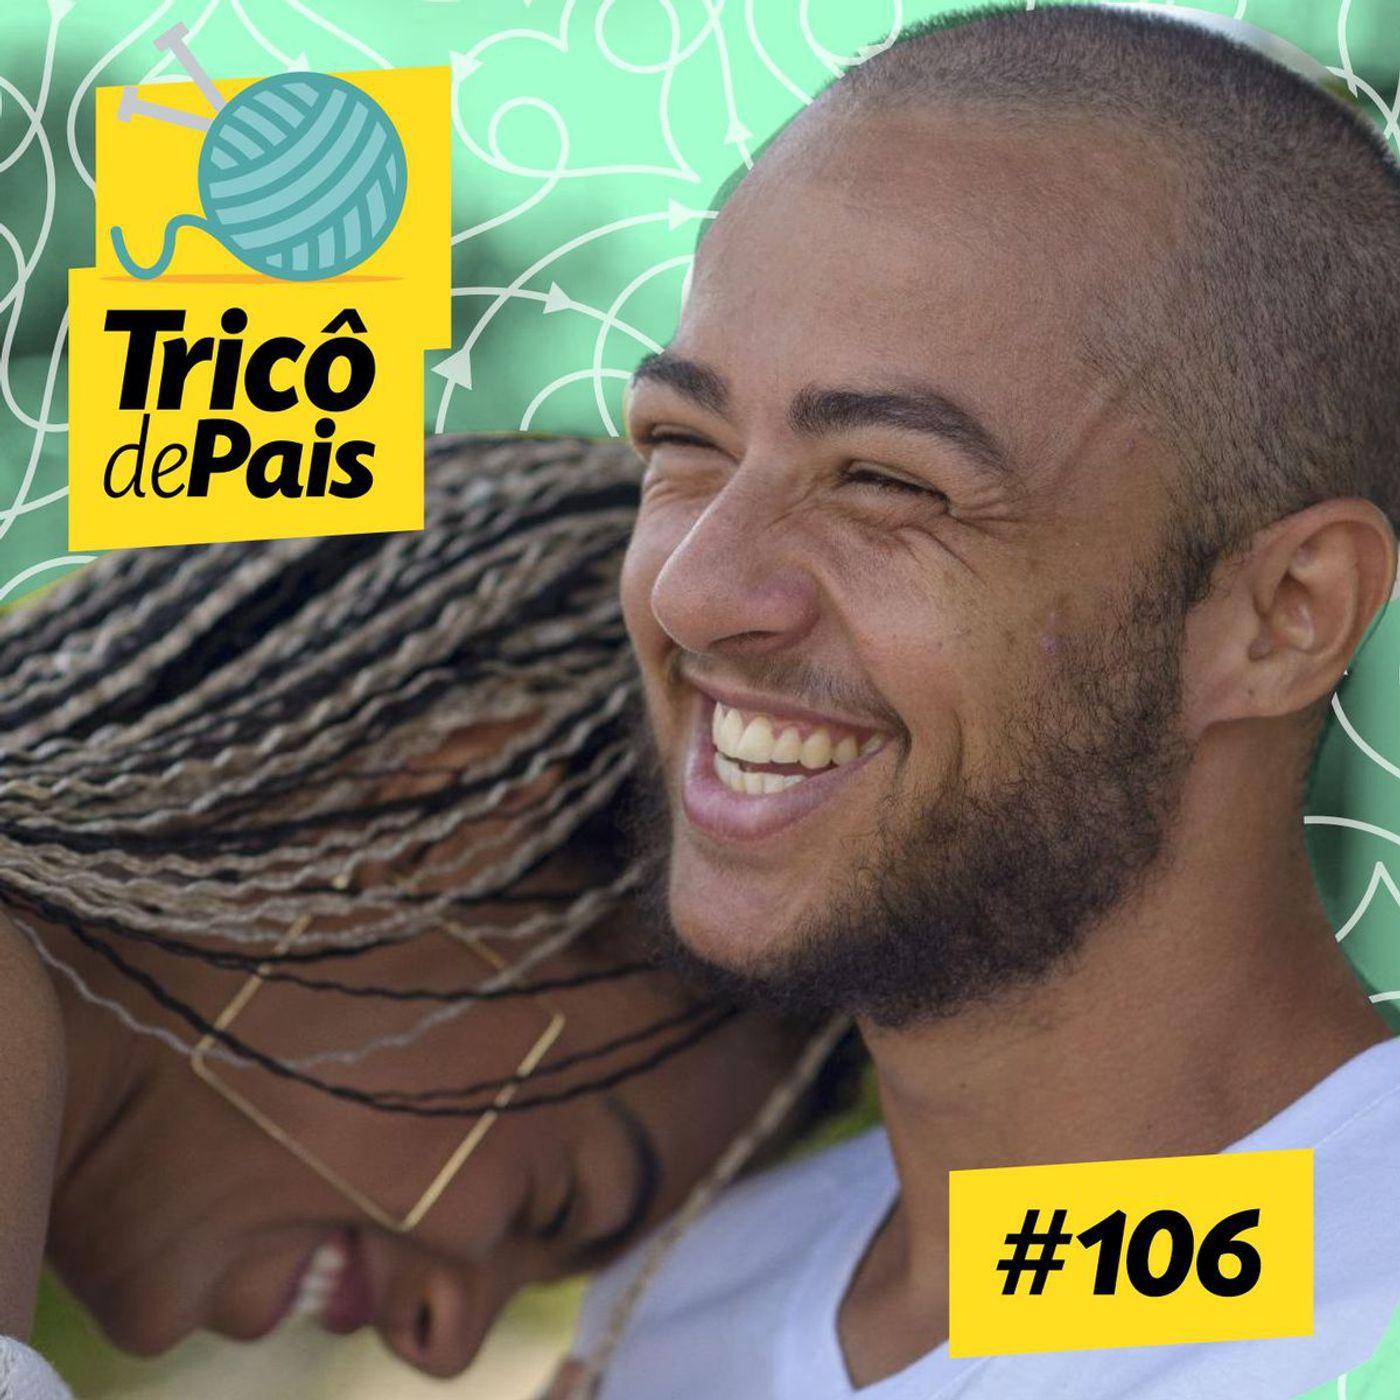 #106 - Família Transdicional Brasileira